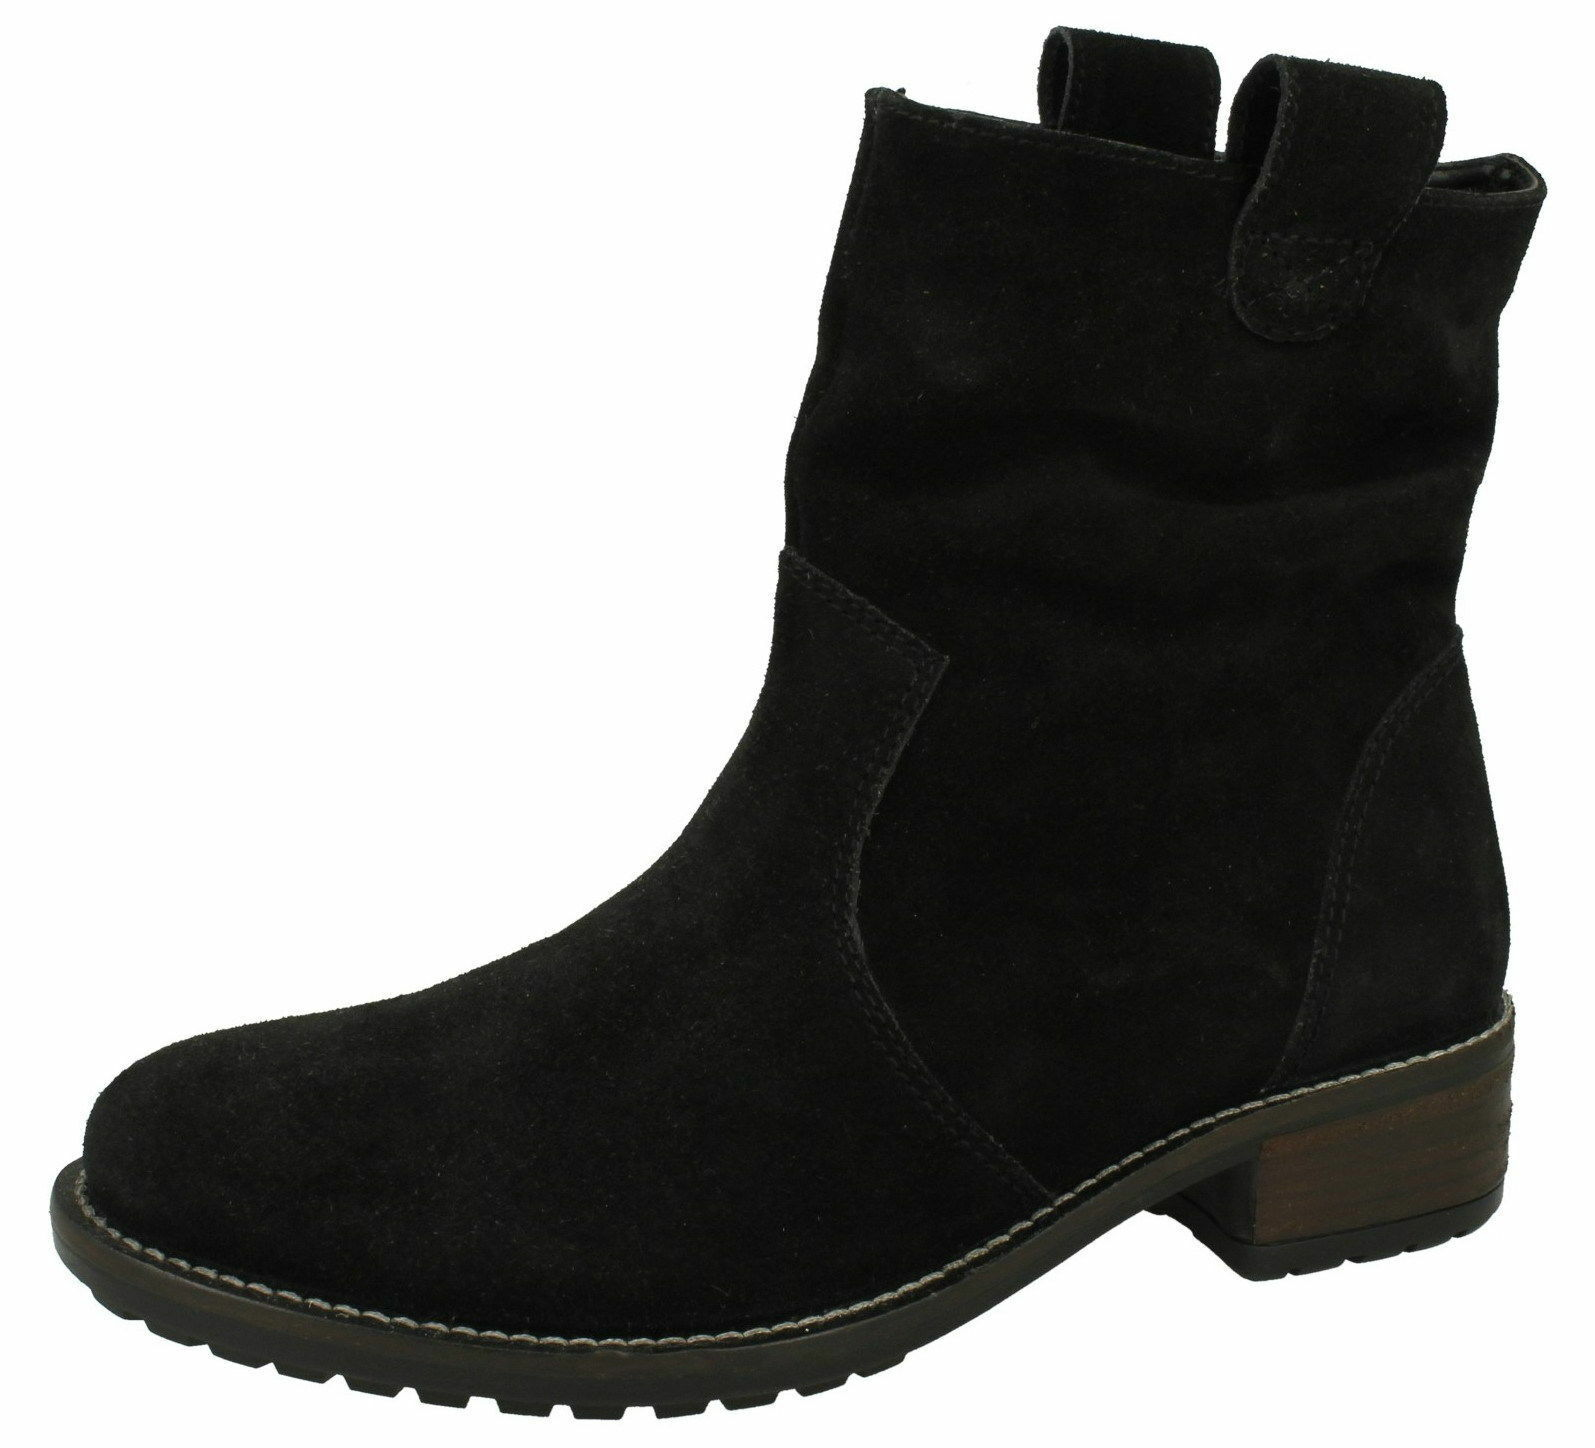 Damen Wildleder 2.5cm 2.5cm 2.5cm Blockabsatz knöchelhohe Stiefel schwarz Stil f50659 f59712